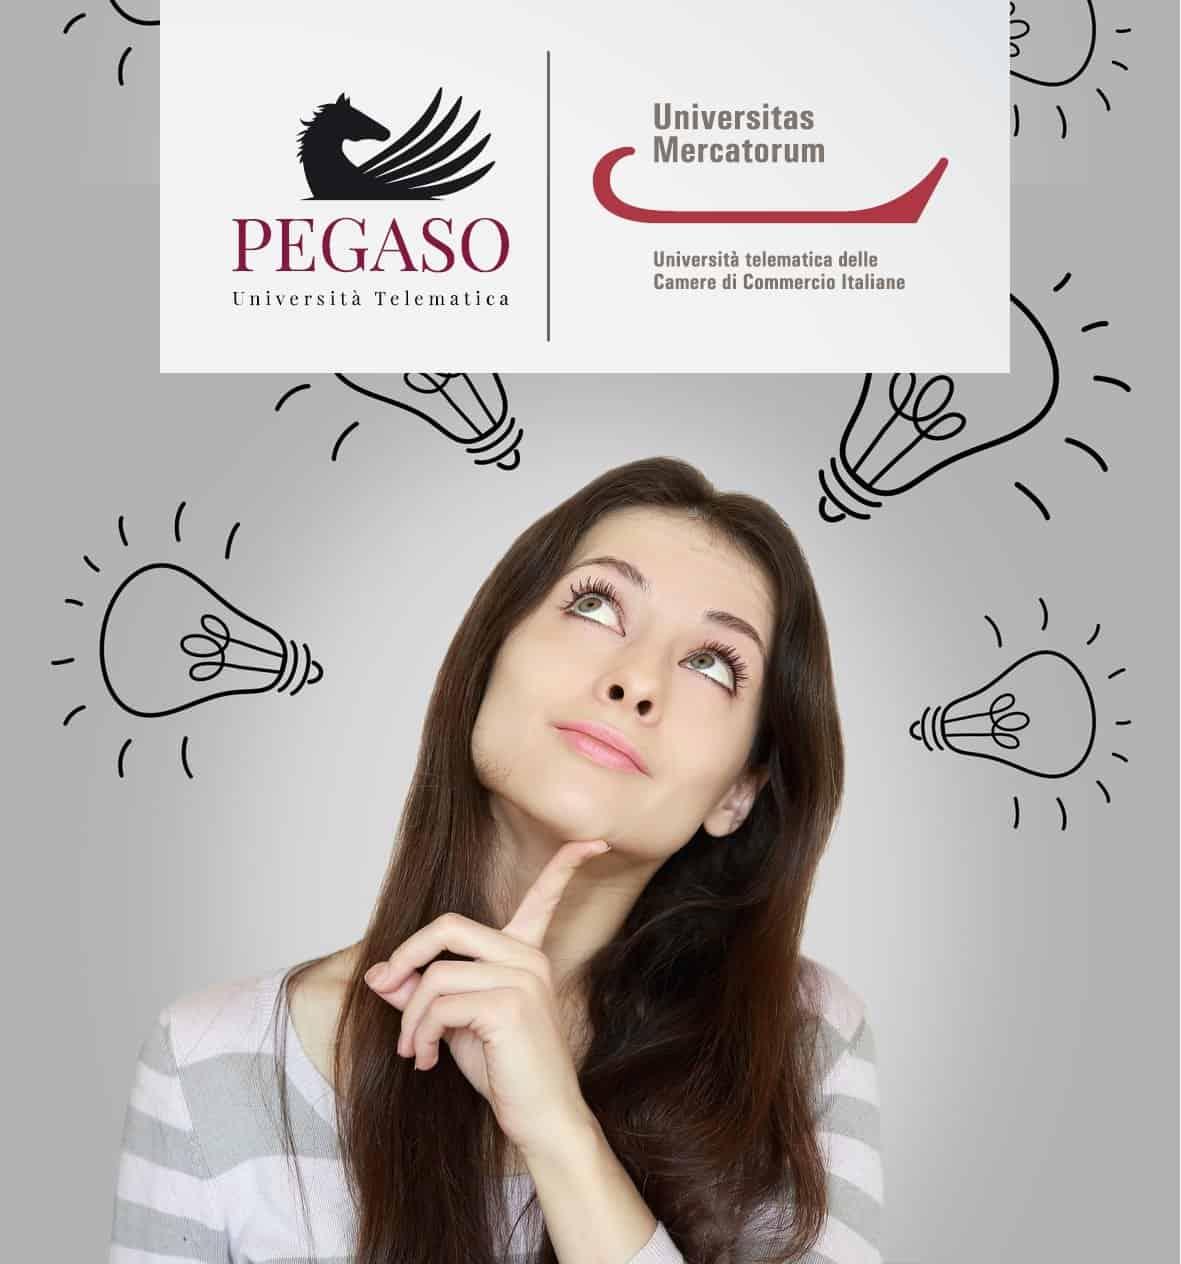 Studentessa Pegaso